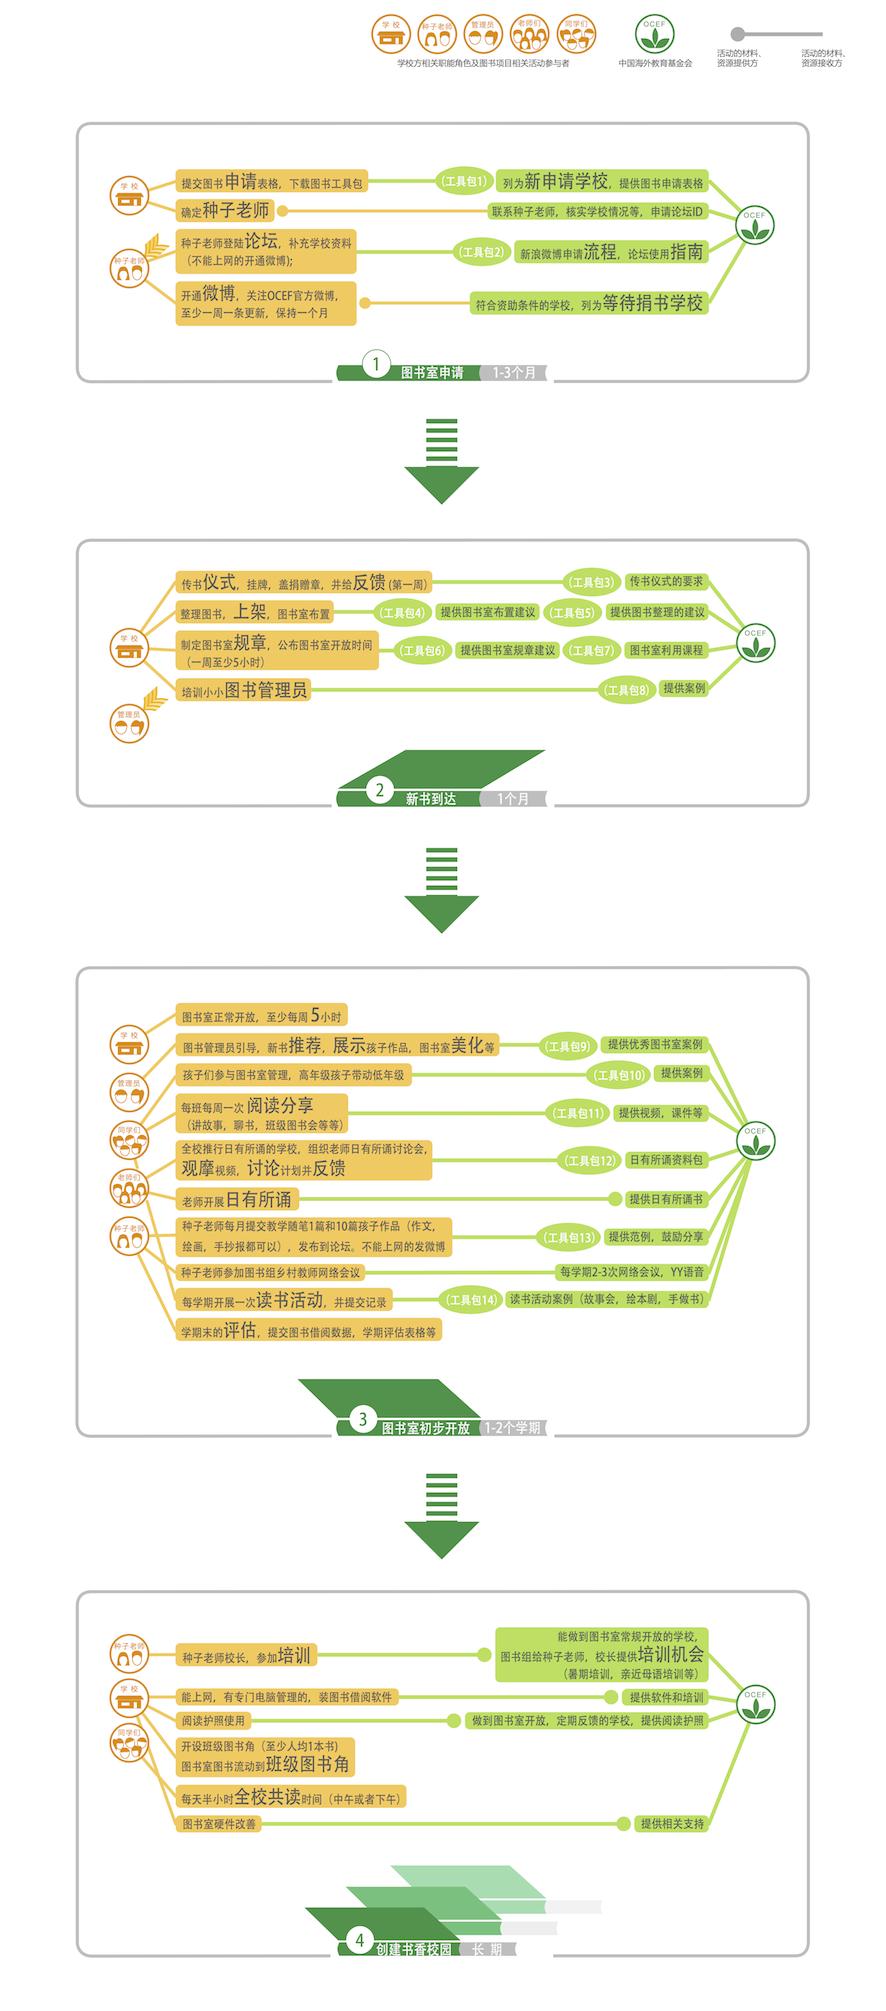 图书项目流程